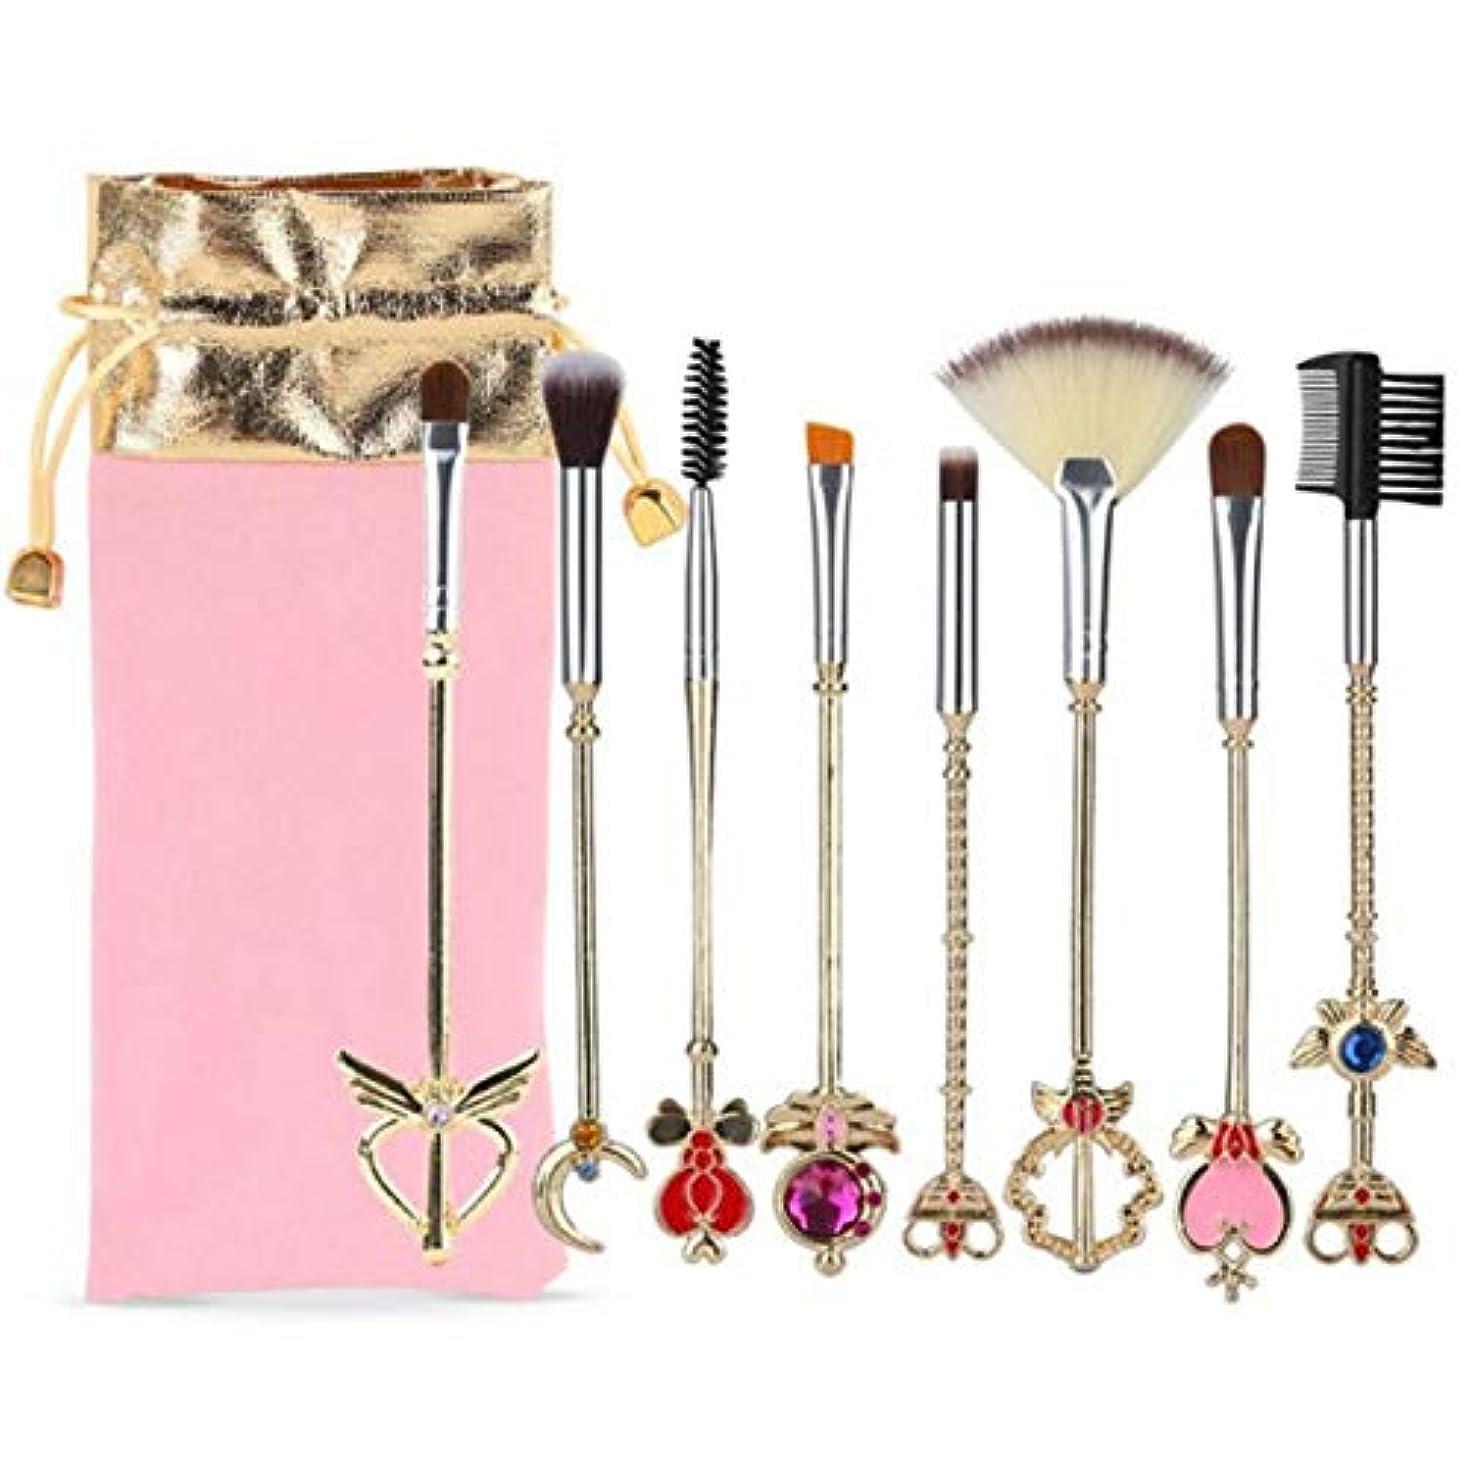 確立します設計図クルーズQuzama-JS よく作られた8 PCのセーラームーン化粧ブラシは、ポーチ、魔法の女の子ゴールドcardcaptor桜の化粧ブラシでセットされた巾着バッグ